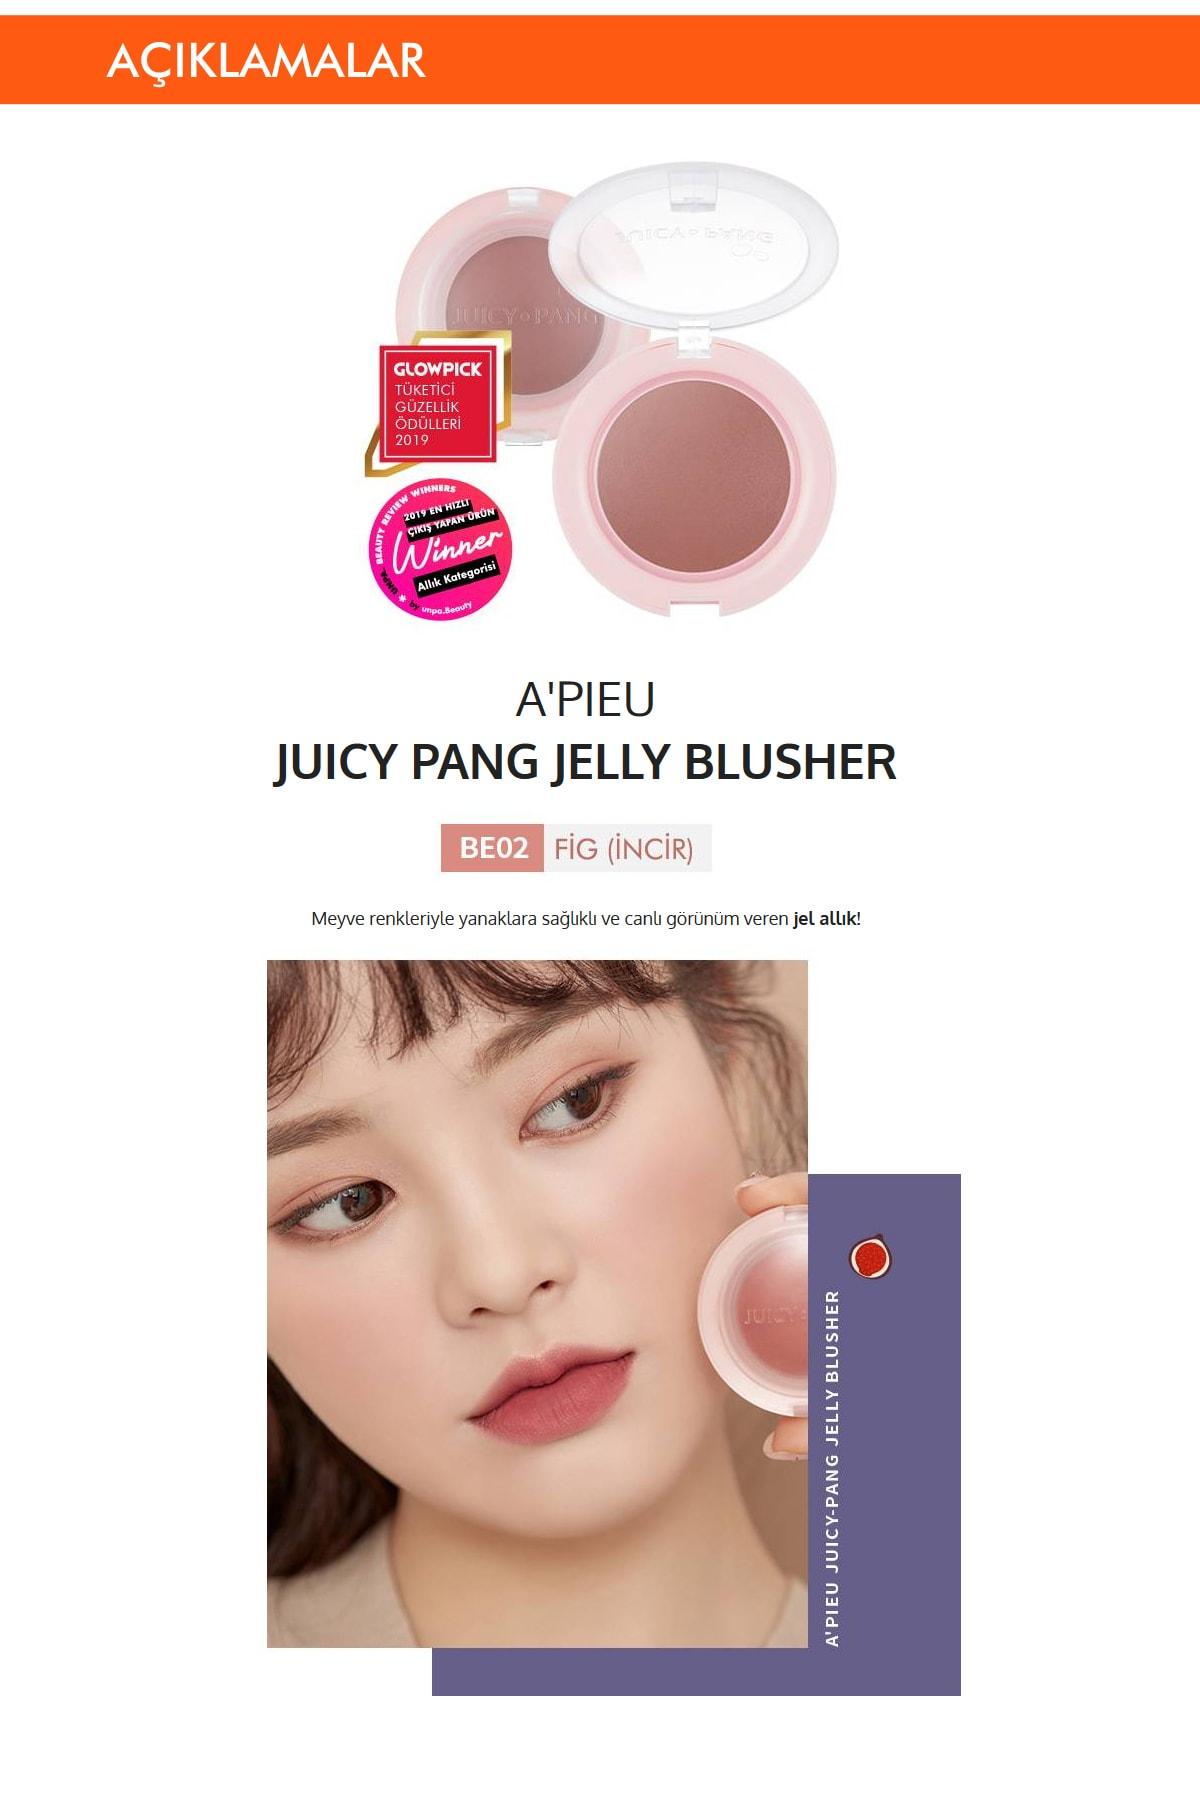 Missha Meyve Tonlarında Doğal Görünümlü Jel Allık APIEU Juicy-Pang Jelly Blusher (BE02) 1